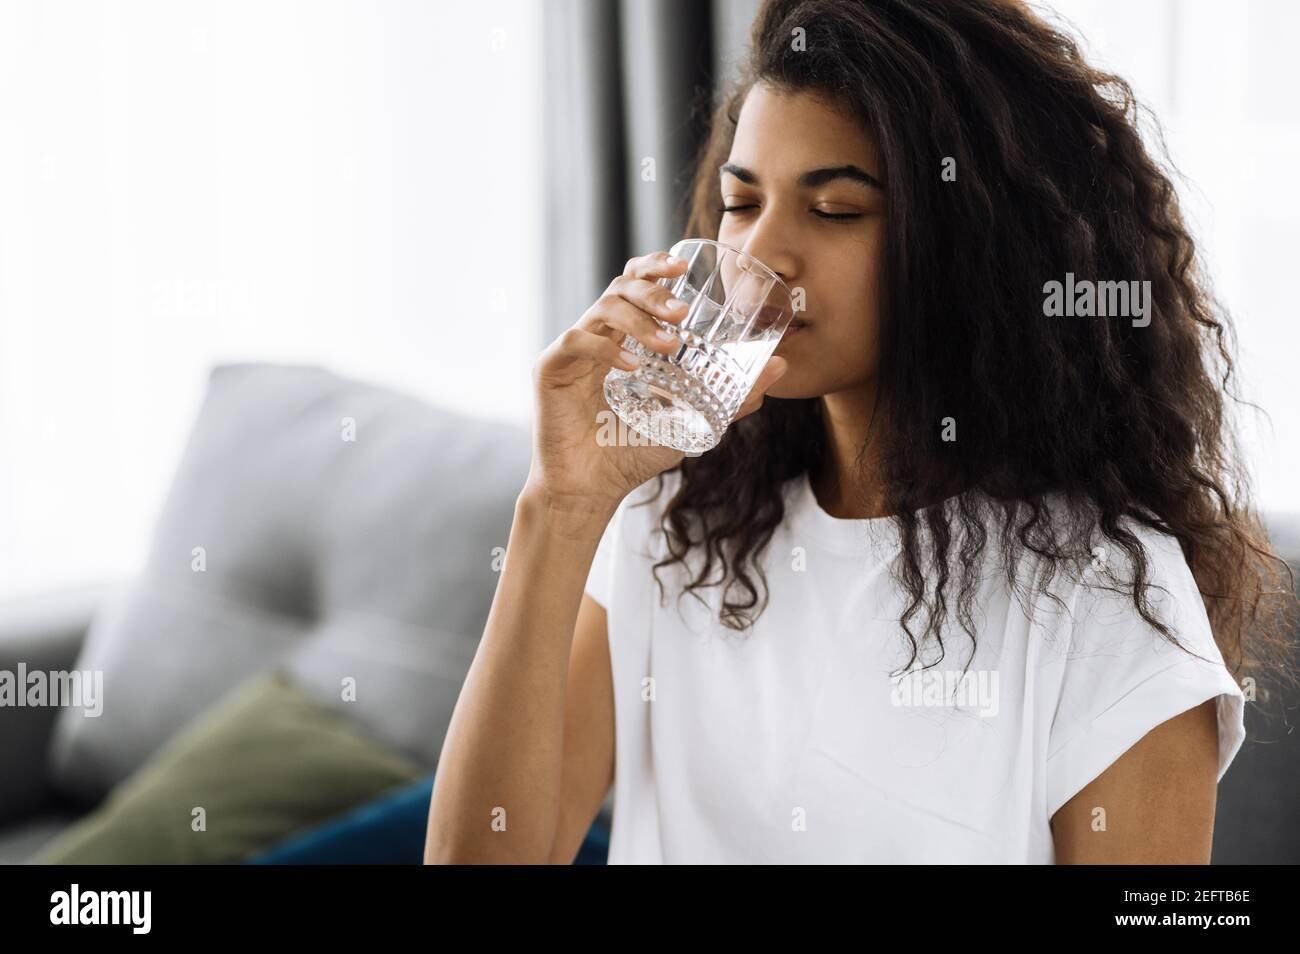 Belle fille suivre un mode de vie sain, boire une eau pure. Une femme afro-américaine boit quotidiennement de l'eau propre, concept de mode de vie sain Banque D'Images